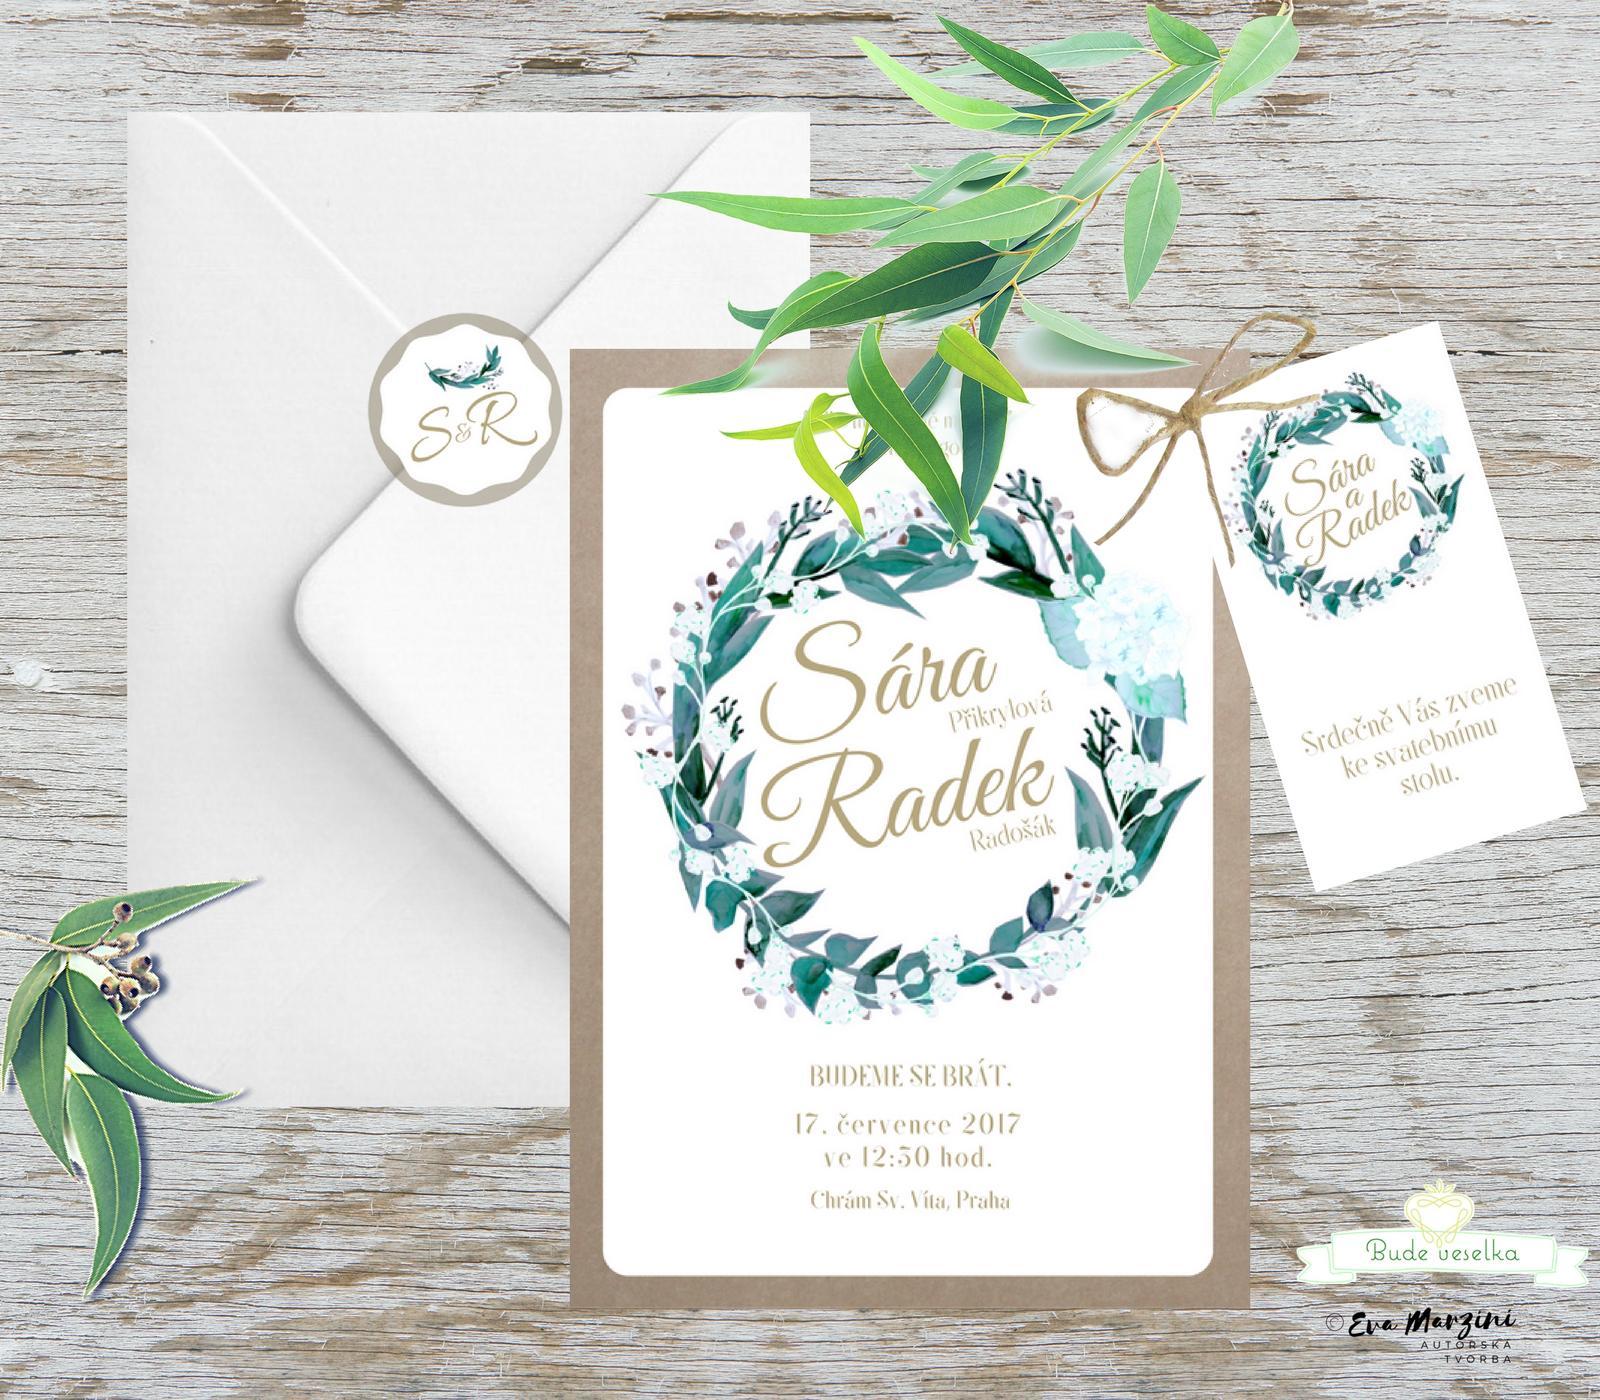 Svatební tiskoviny Eucalyptus - Obrázek č. 4